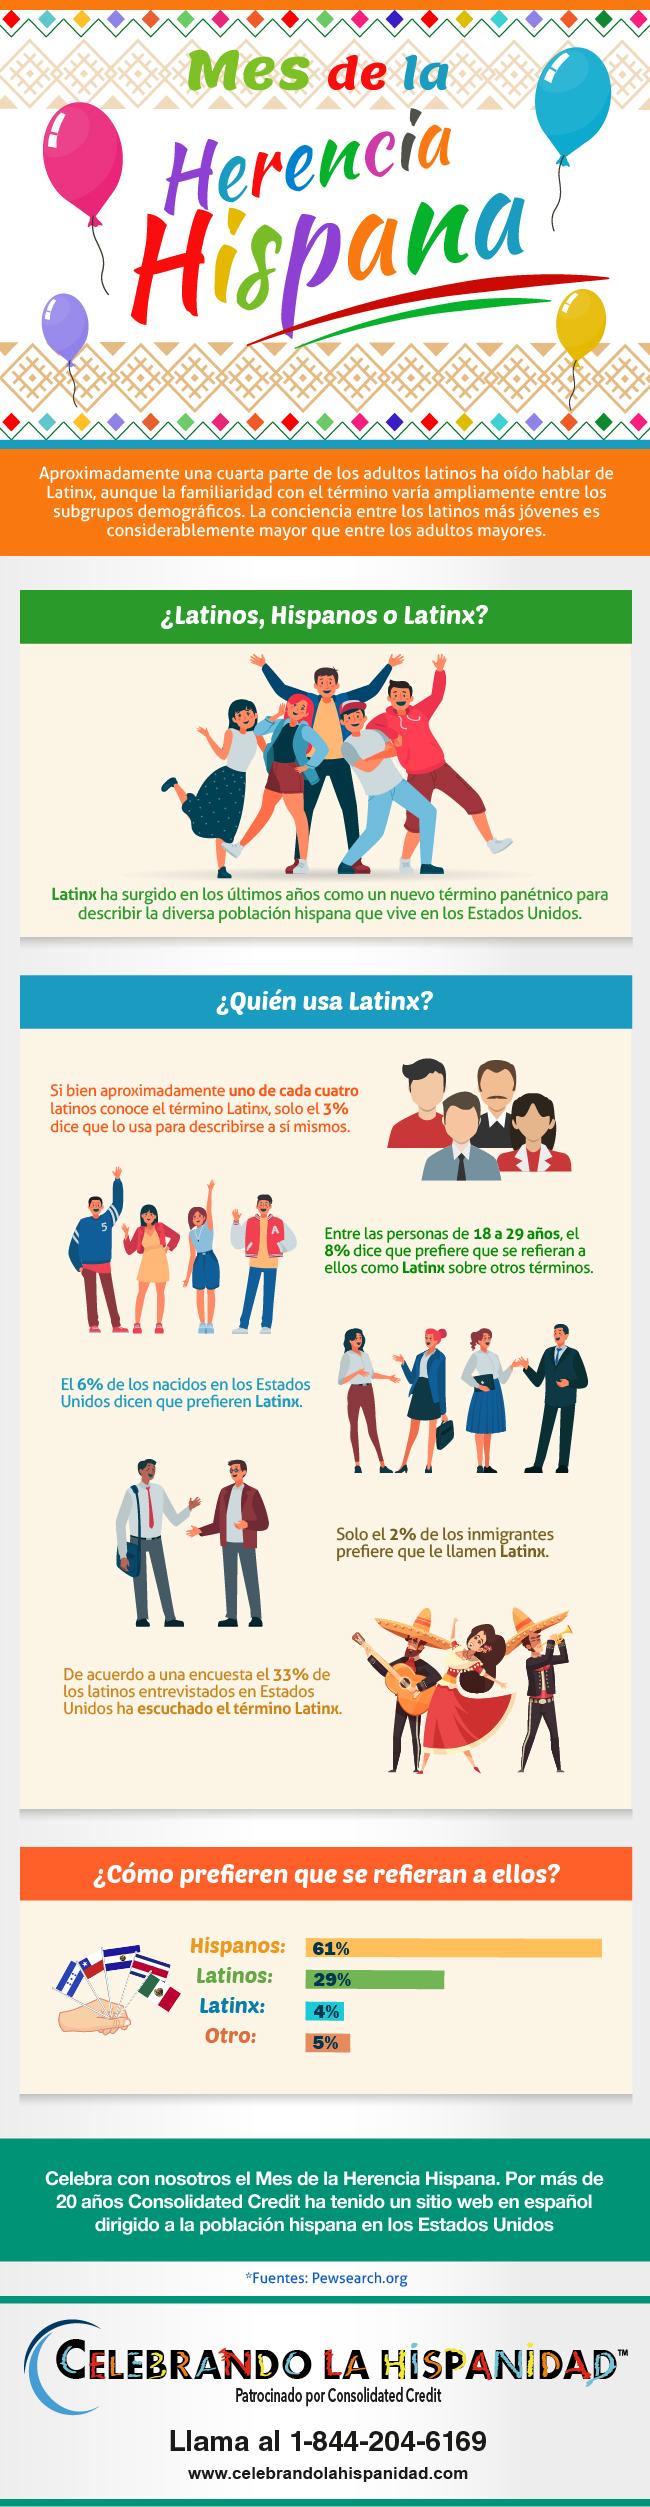 El nuevo término para referirse a la comunidad hispana ha ganado una popularidad considerable, especialemente entre las generaciones más jóvenes.